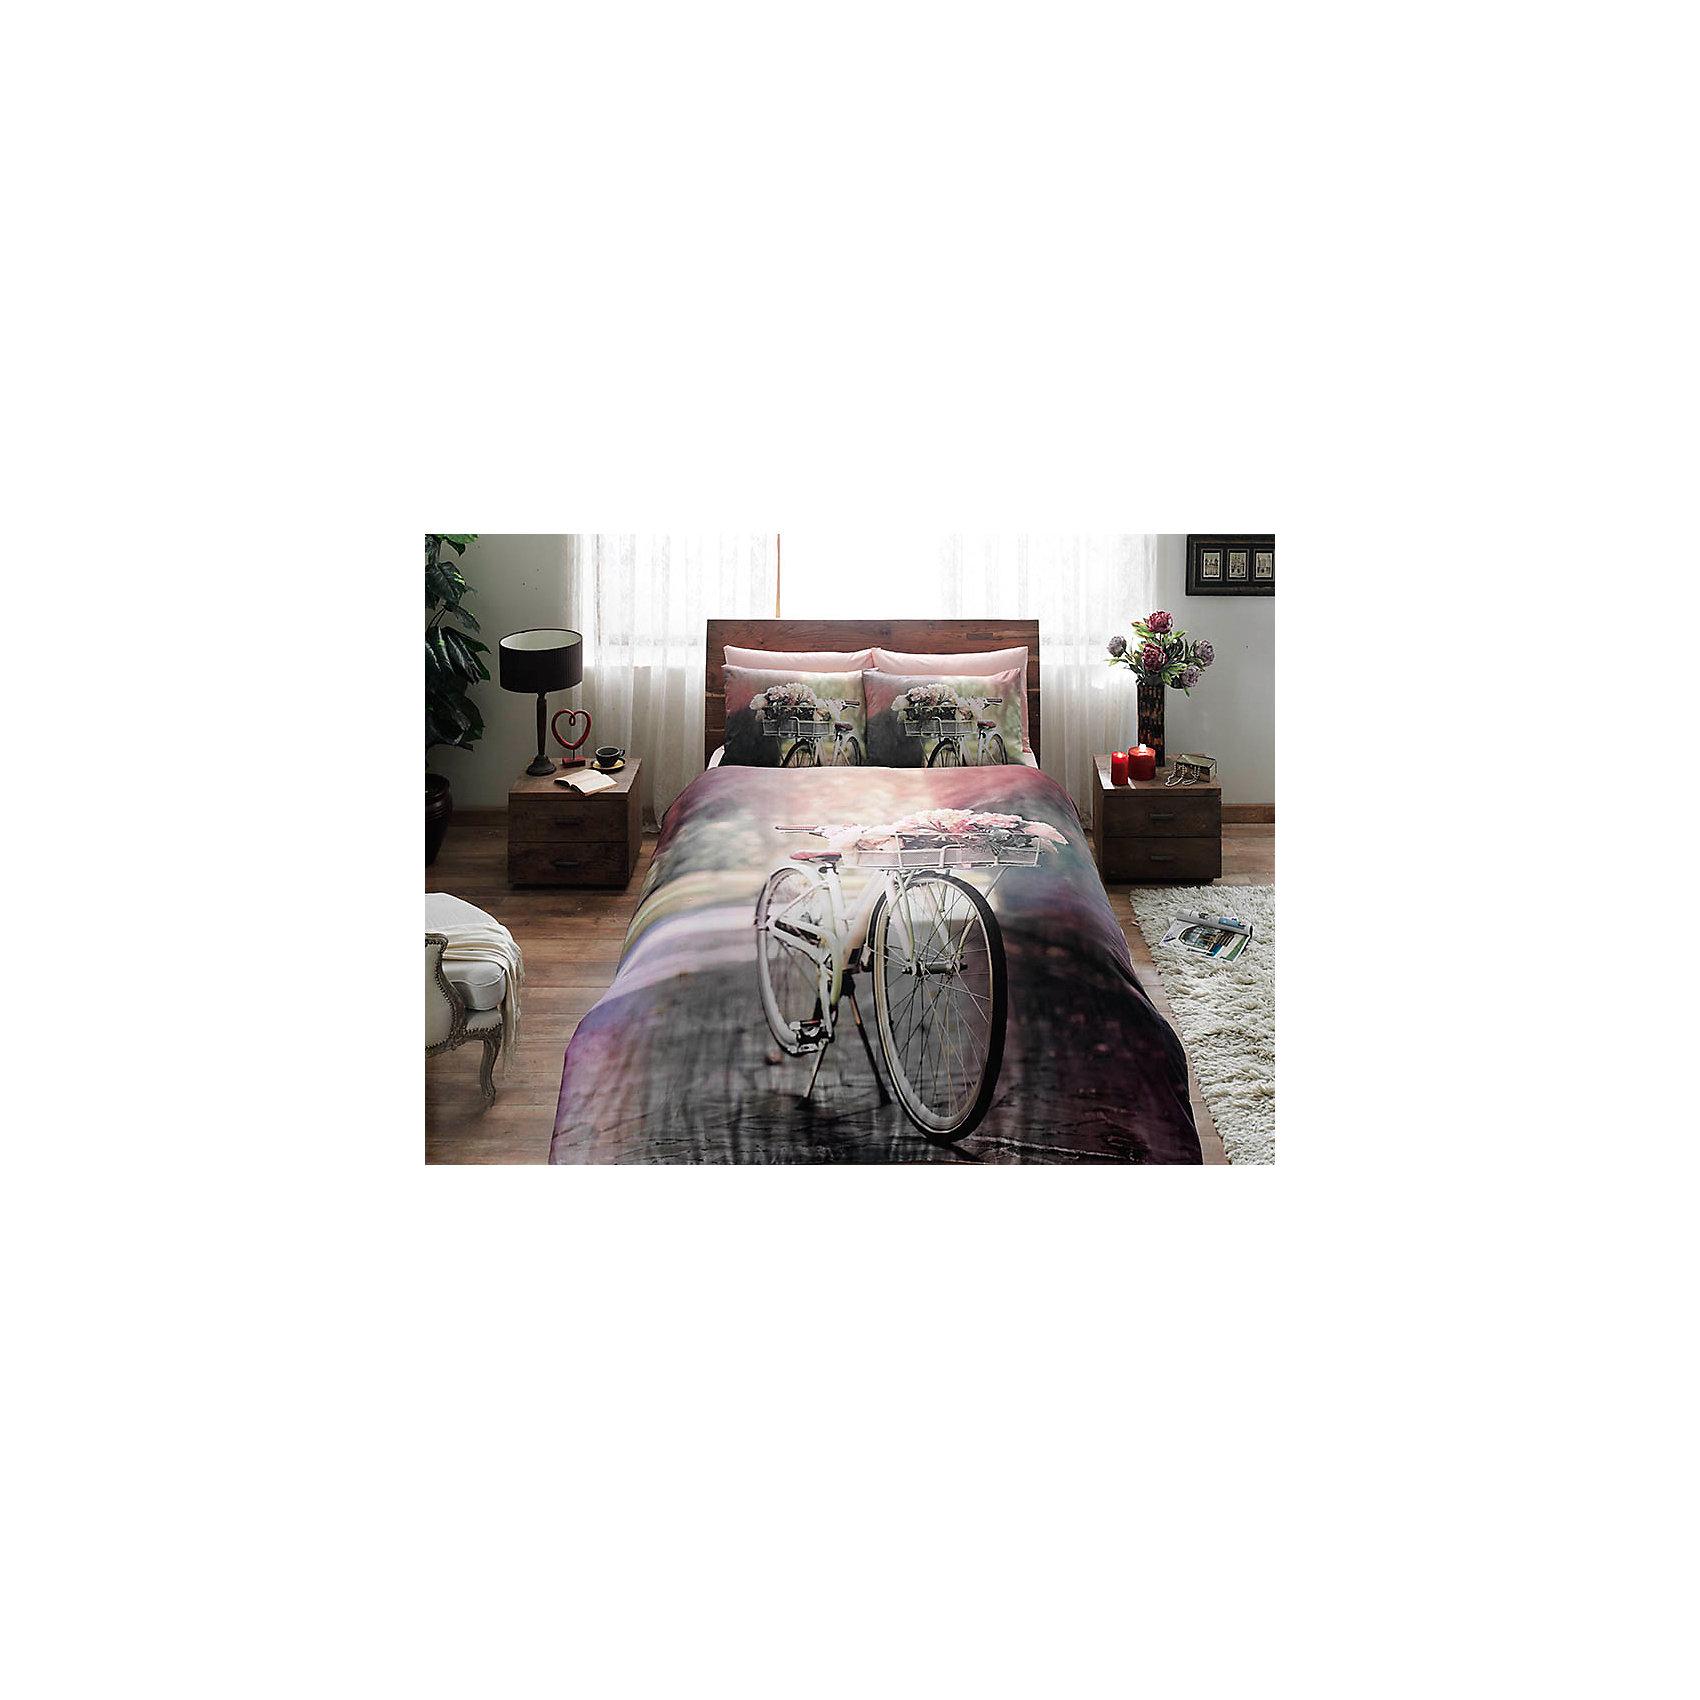 Постельное белье семейный Sunshine, сатин, TAC, розовыйДомашний текстиль<br>Характеристики:<br><br>• Вид домашнего текстиля: постельное белье<br>• Тип постельного белья по размерам: семейное<br>• Рисунок: велосипедная прогулка<br>• Сезон: круглый год<br>• Материал: сатин, 100% хлопок <br>• Цвет: оттенки розового, серый, зеленый<br>• Комплектация: <br> пододеяльник – 2 шт. 160*220 см <br> простынь – 1 шт. 240*260 см<br> наволочки – 2 шт. 50*70 см<br>• Вид застежки: пуговицы<br>• Тип упаковки: книжка картонная<br>• Вес в упаковке: 3 кг 500 г<br>• Размеры упаковки (Д*Ш*В): 27*8*37 см<br>• Особенности ухода: машинная стирка <br><br>Постельное белье семейный Sunshine, сатин, TAC, розовый от наиболее популярного бренда на отечественном рынке среди производителей комплектов постельного белья и текстильных принадлежностей, выпуском которого занимается производственная компания, являющаяся частью мирового холдинга Zorlu Holding Textiles Group. <br><br>Комплект состоит из 5-ти предметов и включает в себя: пододеяльник, простынь и две наволочки. Все изделия выполнены из хлопкового сатина, который характеризуется высокими износоустойчивыми качествами, не теряет формы и цвета при длительном использовании, после стирки изделия полностью расправляются и сохраняют ровность полотна, поэтому они не нуждаются в глажке. Специальным образом скрученная нить, из которой изготовлено сатиновое полотно, обеспечивает характерный блеск и защиту от образования катышков. <br><br>Обладает повышенными гигроскопичными качествами, благодаря чему оно комфортно для использования в любое время года. Постельное белье выполнено в стильном дизайне: сюжетный принт, изображающий велосипедную прогулку придает комплекту особую оригинальность. <br><br>Постельное белье семейный Sunshine, сатин, TAC, розовый можно купить в нашем интернет-магазине.<br><br>Ширина мм: 270<br>Глубина мм: 80<br>Высота мм: 370<br>Вес г: 3500<br>Возраст от месяцев: 216<br>Возраст до месяцев: 1188<br>Пол: Унисекс<br>Возраст: Детский<br>